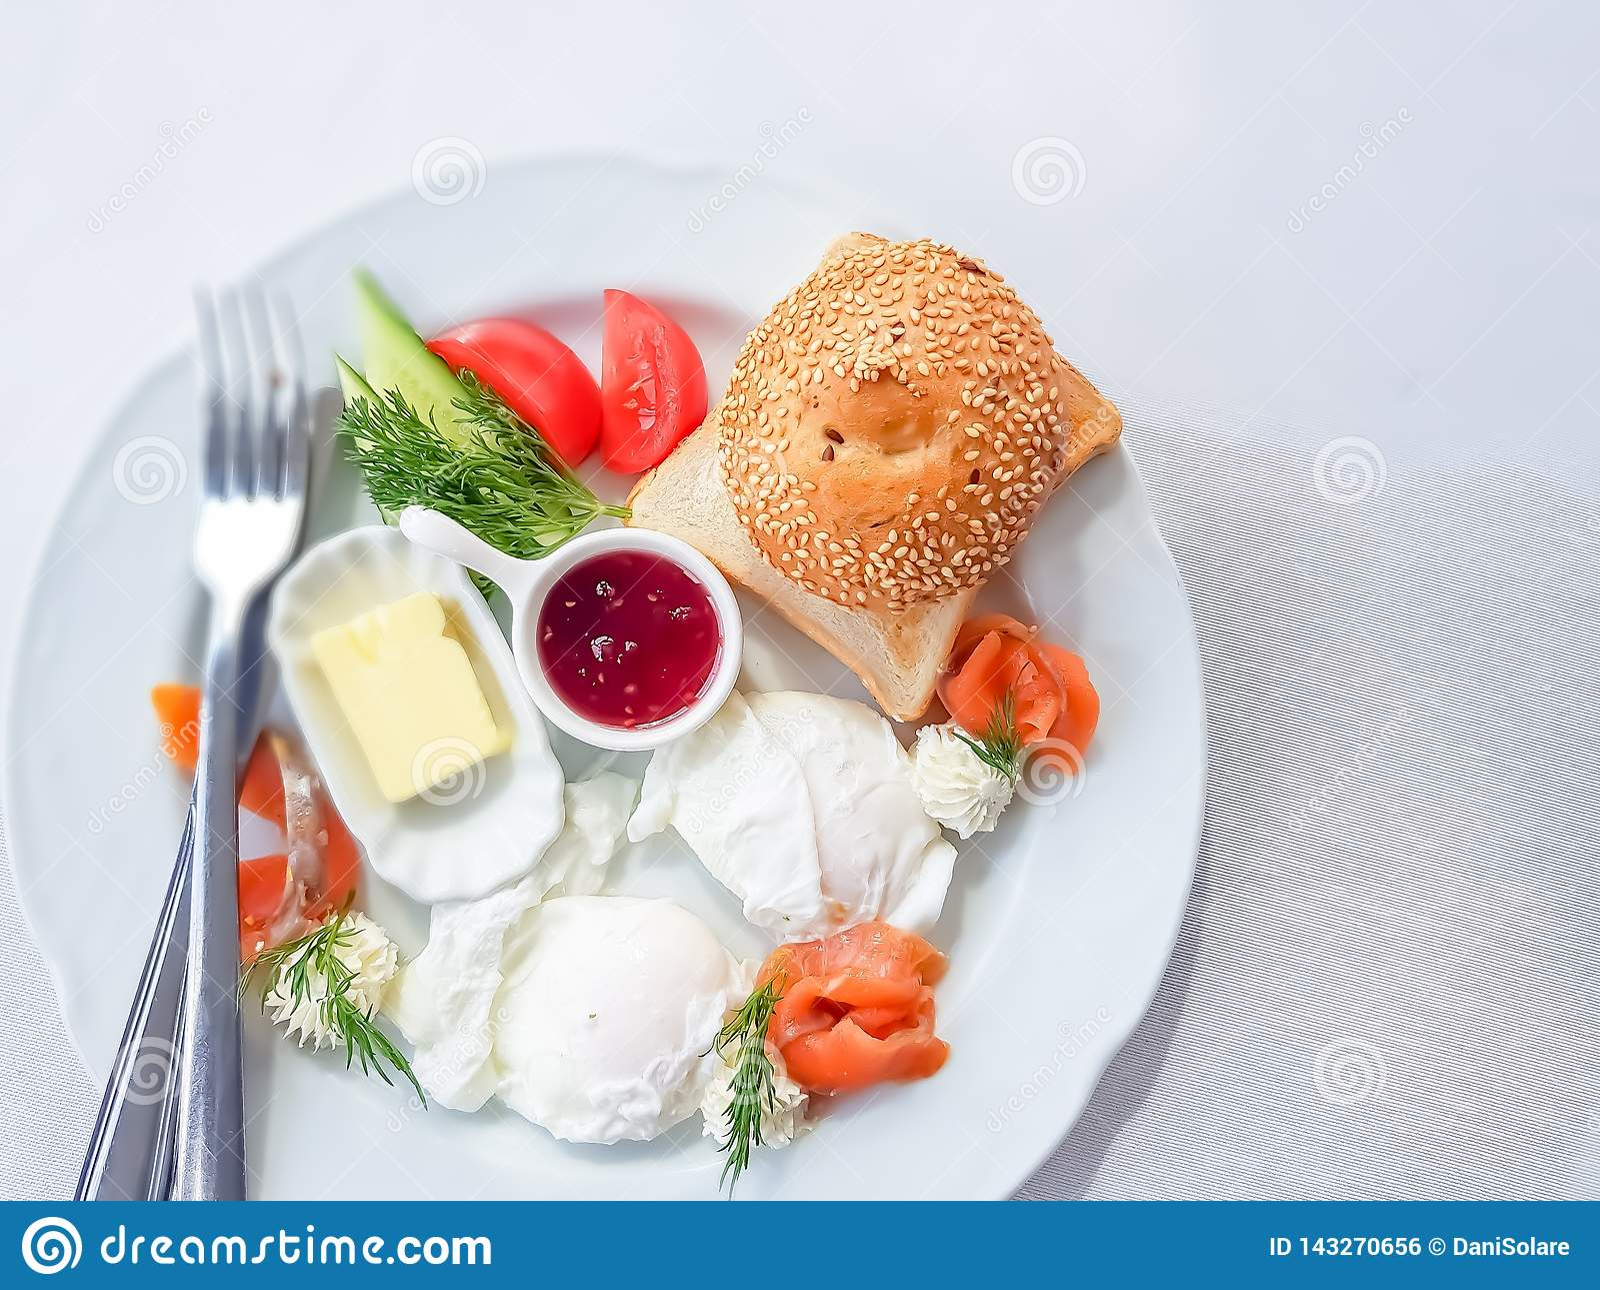 Draufsicht zu einem köstlichen und gesunden Frühstück